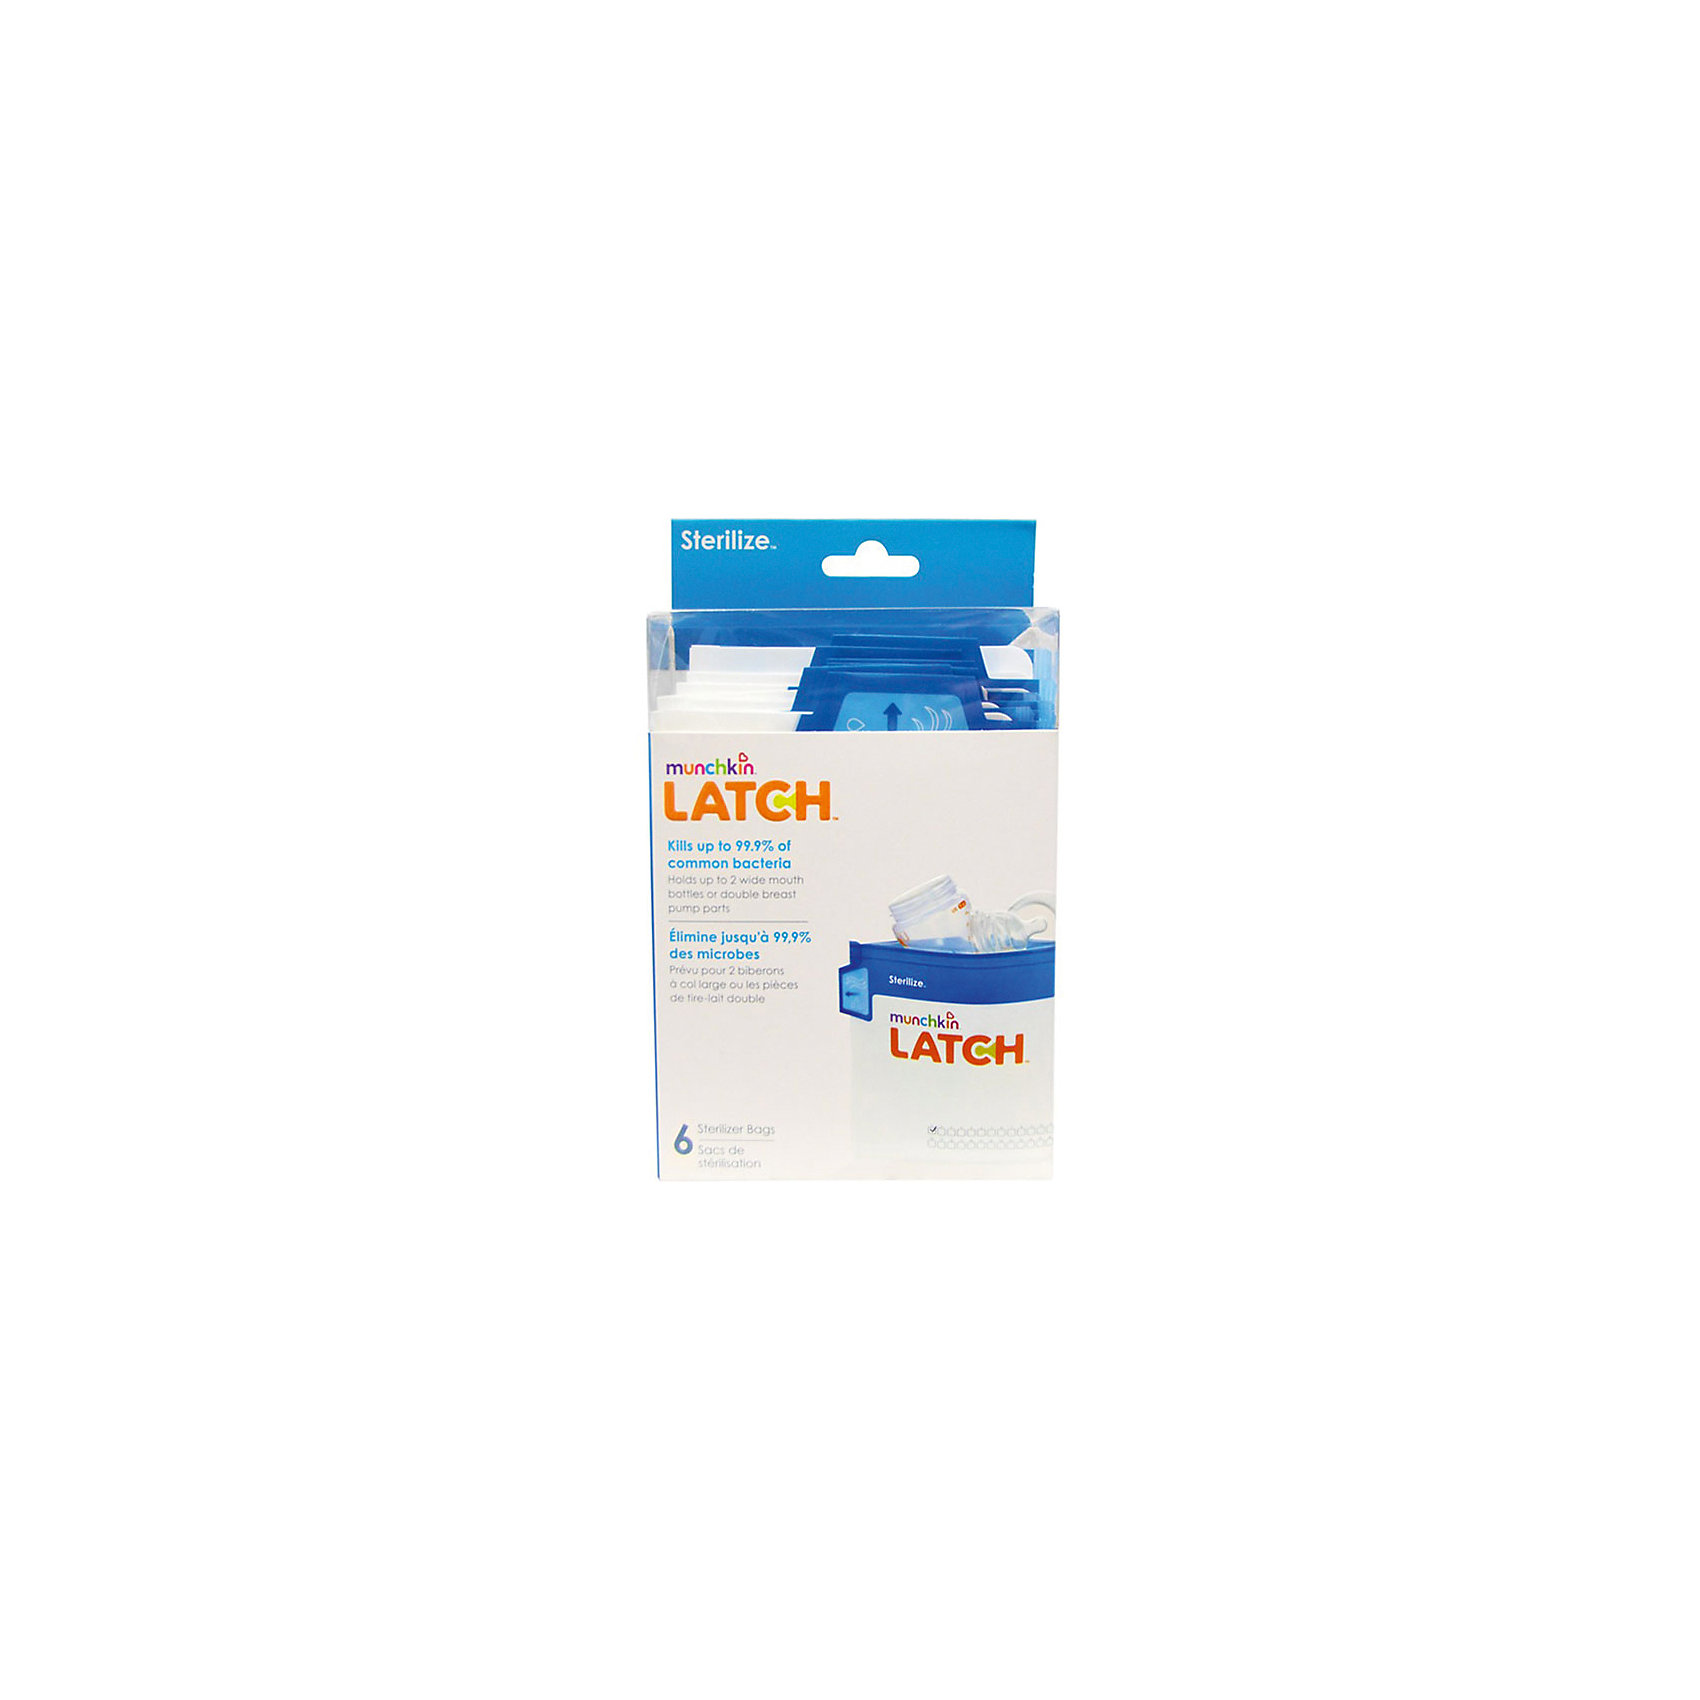 Пакеты для стерилизации LATCH , 6шт., MunchkinМолокоотсосы и аксессуары<br>Пакеты для стерилизации LATCH , 6шт., Munchkin (Манчкин)<br><br>Характеристики:<br><br>• многоразовые пакеты для стерилизации бутылочек и сосок<br>• сетка для отметок<br>• стерилизация за 90 секунд<br>• ручка Cool-Touch<br>• в комплекте: 6 пакетов<br>• размер упаковки: 19х10х7 см<br>• вес: 100 грамм<br><br>Пакеты LATCH предназначены для быстрой, удобной стерилизации бутылочек, сосок и деталей молокоотсоса. Для стерилизации нужно положить части бутылочки  в пакет, залить их водой, а затем поместить в микроволновую печь на 90 секунд. Ручка Cool-Touch всегда остается холодной, чтобы вы не обожглись при использовании пакетов. Каждый пакет можно использовать 30 раз. С лицевой стороны находится удобная сетка, на которой можно делать отметки об использовании. Лента с бегунком позволит вам легко и надежно закрыть пакет перед использованием.<br><br>Пакеты для стерилизации LATCH , 6шт., Munchkin (Манчкин) можно купить в нашем интернет-магазине.<br><br>Ширина мм: 70<br>Глубина мм: 100<br>Высота мм: 190<br>Вес г: 100<br>Возраст от месяцев: -2147483648<br>Возраст до месяцев: 2147483647<br>Пол: Унисекс<br>Возраст: Детский<br>SKU: 5507247